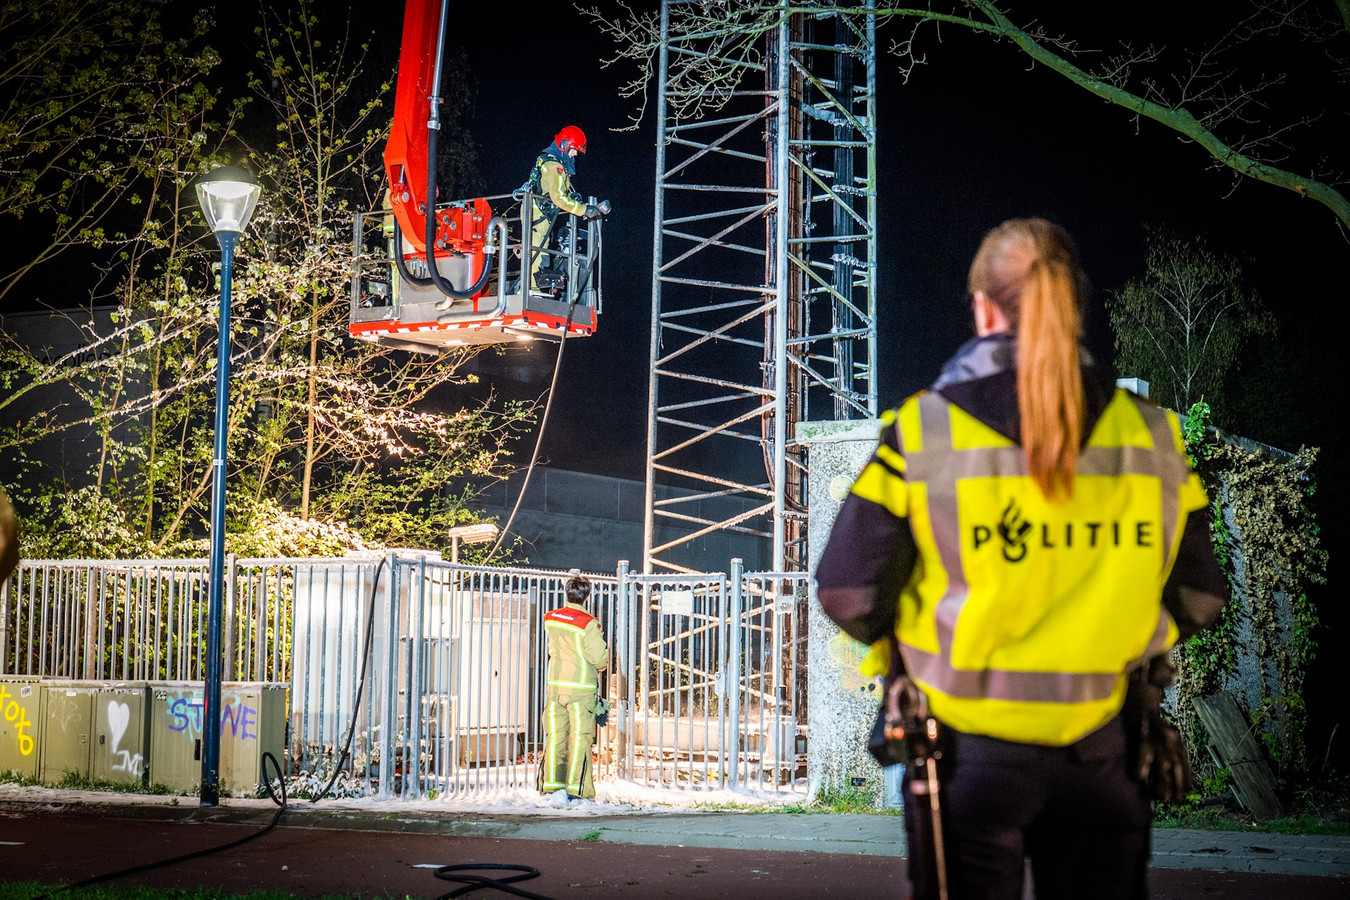 De brandweer en politie zijn present bij een zendmast na een brandstichting in het Brabantse Nuenen. Ook al is er geen enkel wetenschappelijk bewijs voor een link tussen 5g en corona, toch zijn er complotdenkers die dat vermoeden.